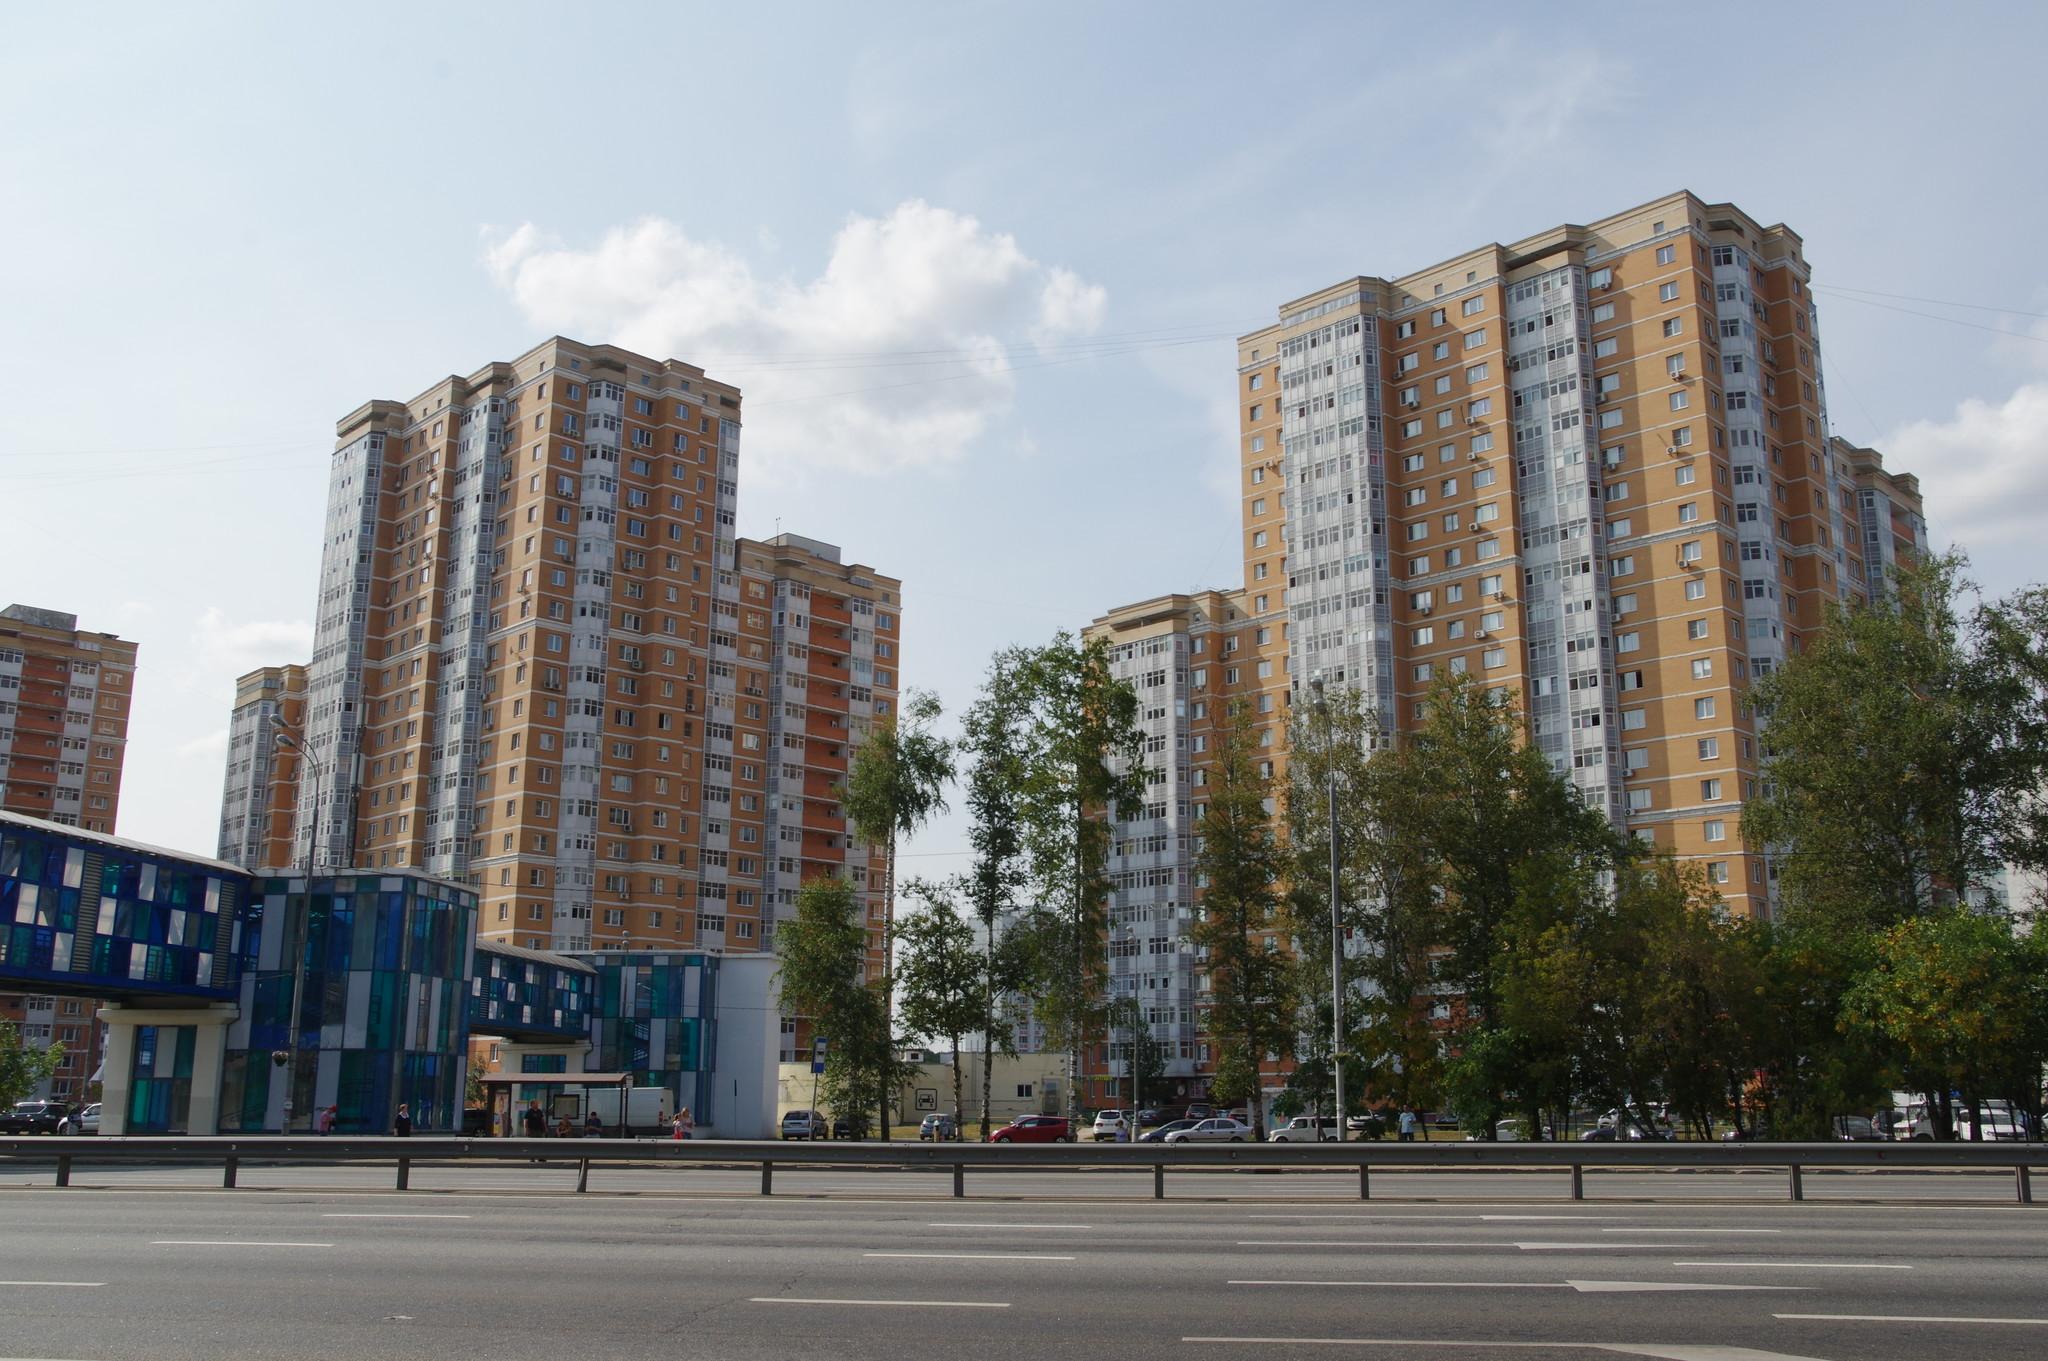 Выделенная полоса по Дмитровскому шоссе от МКАД до въезда в 4-й микрорайон Северного